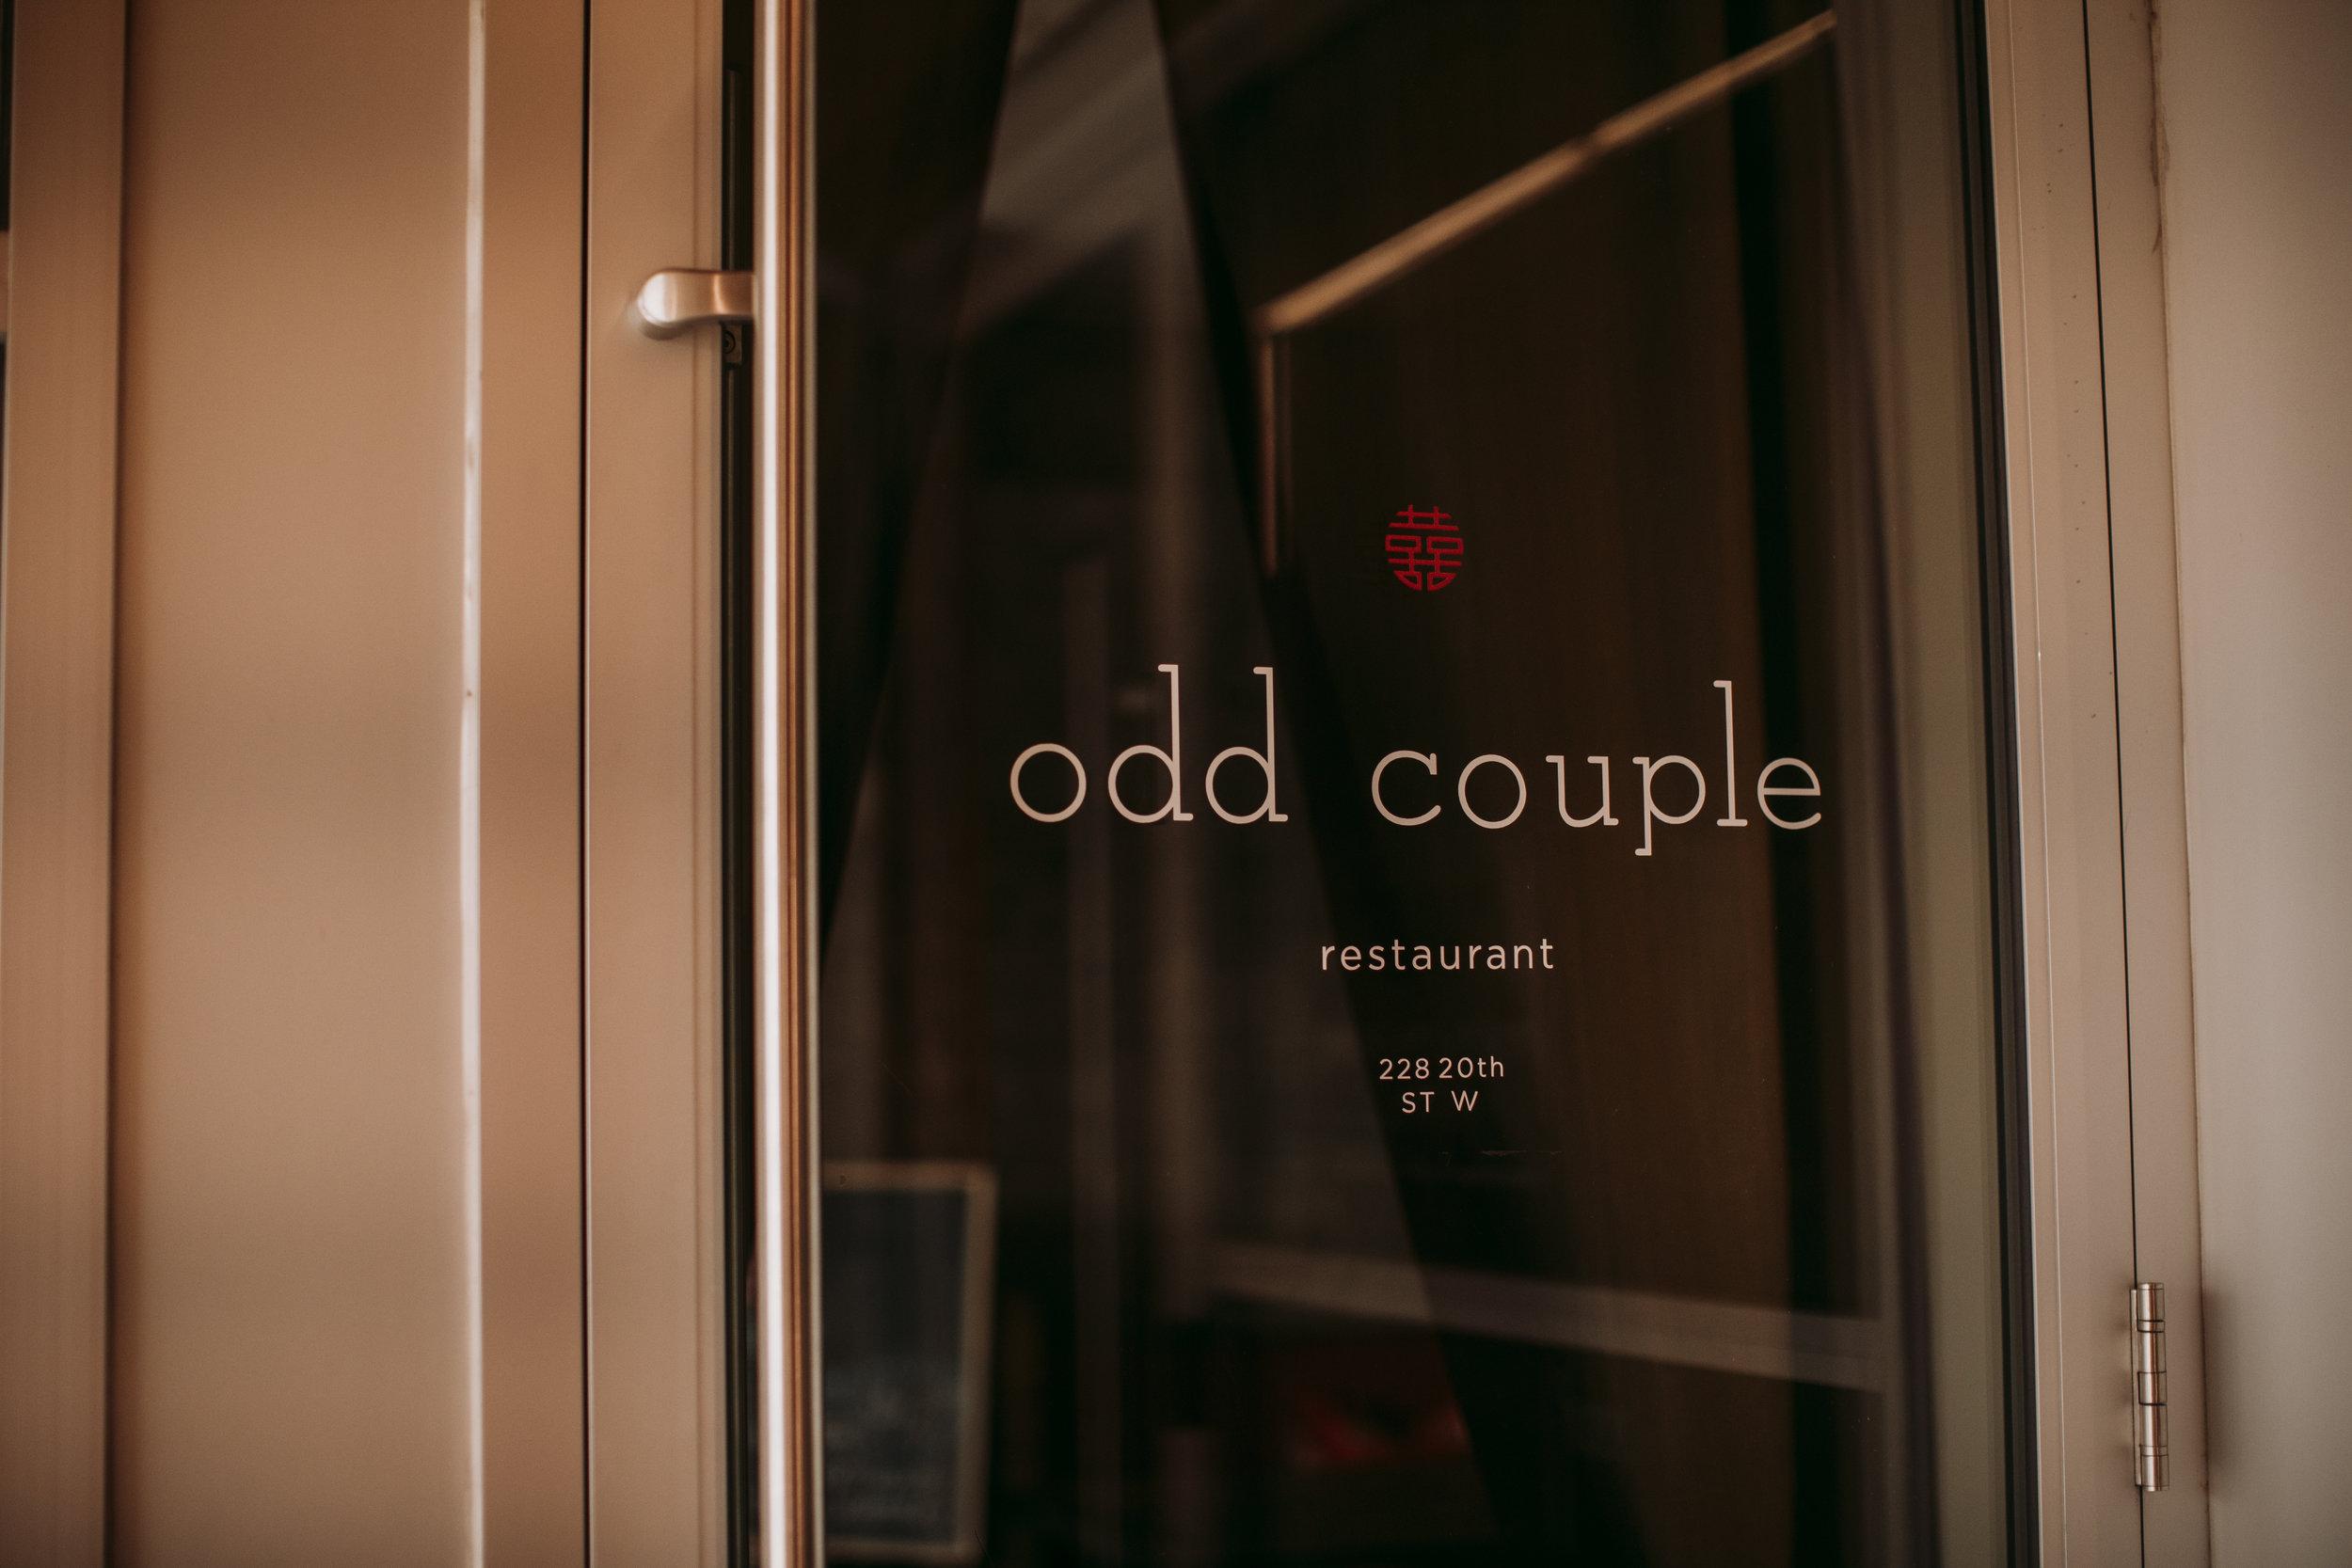 oddcouple+anthology_May252018_5530.JPG